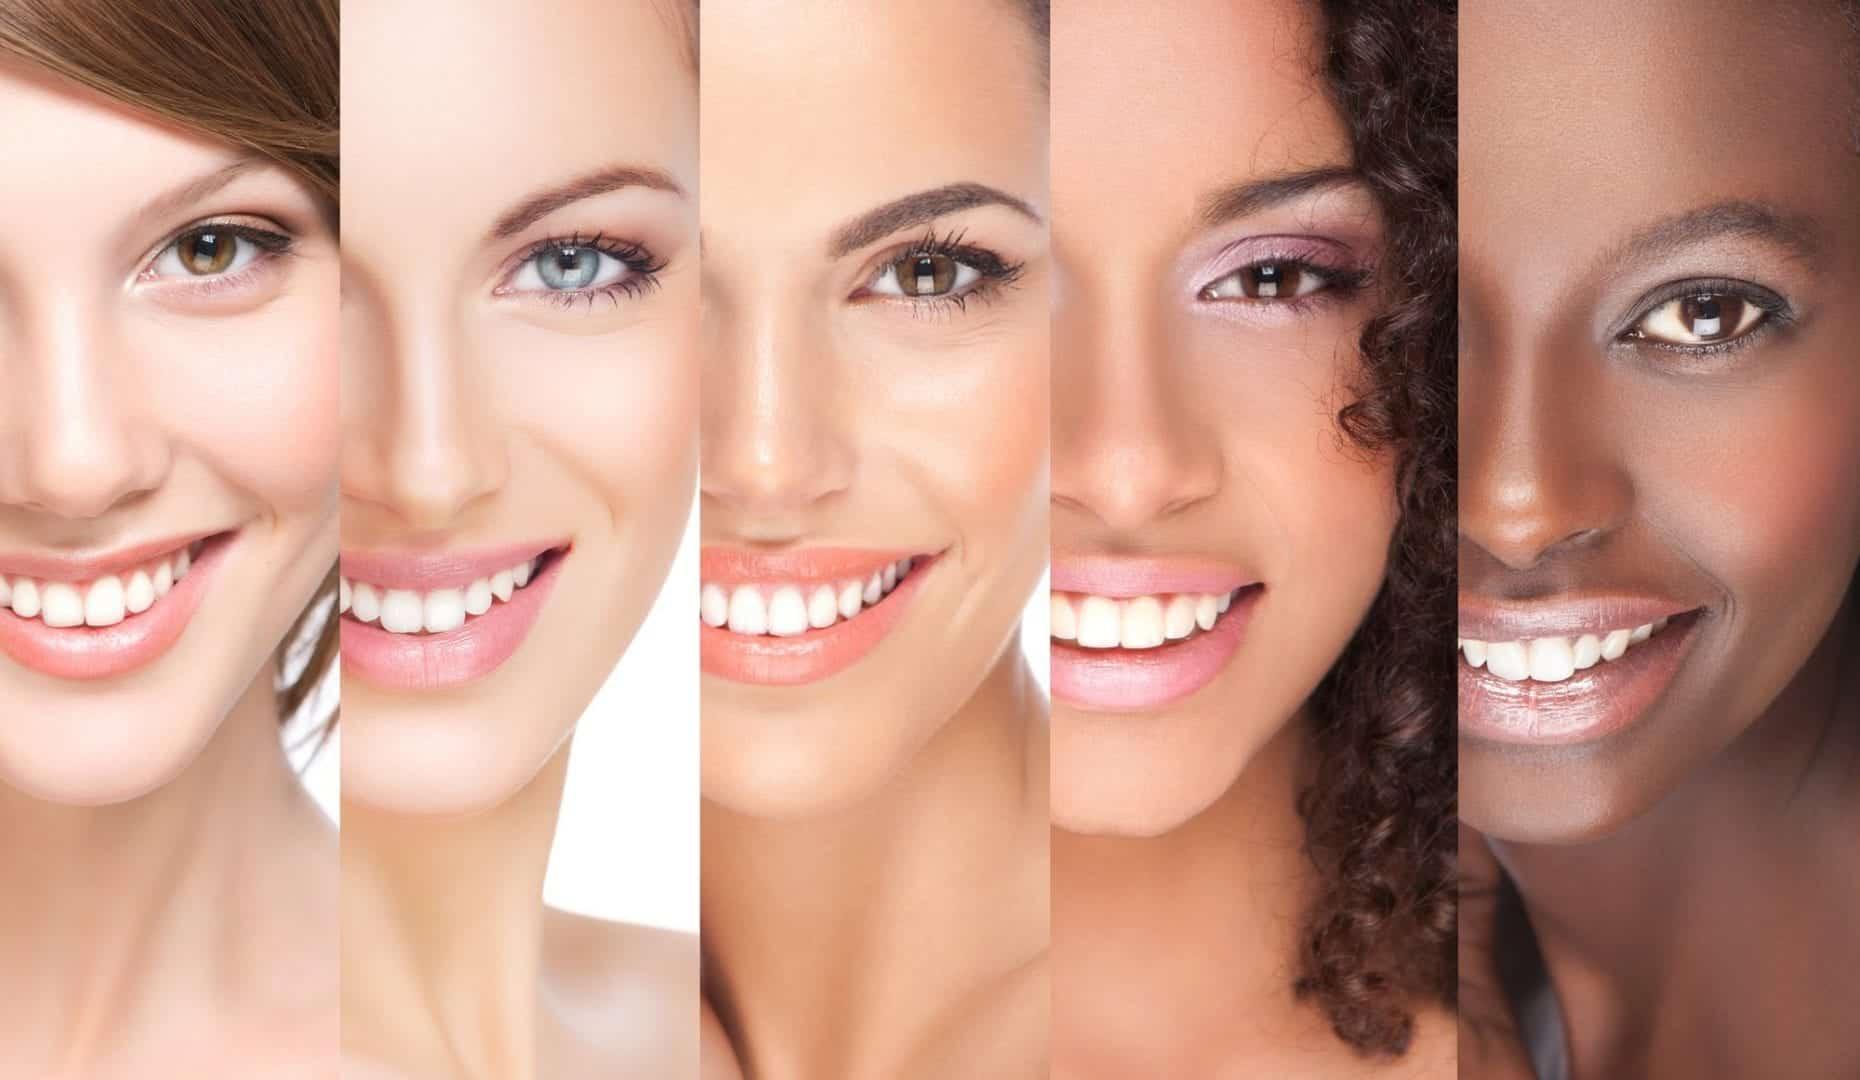 Cores de pele - Tipos, exemplos e cuidados necessários para cada cor